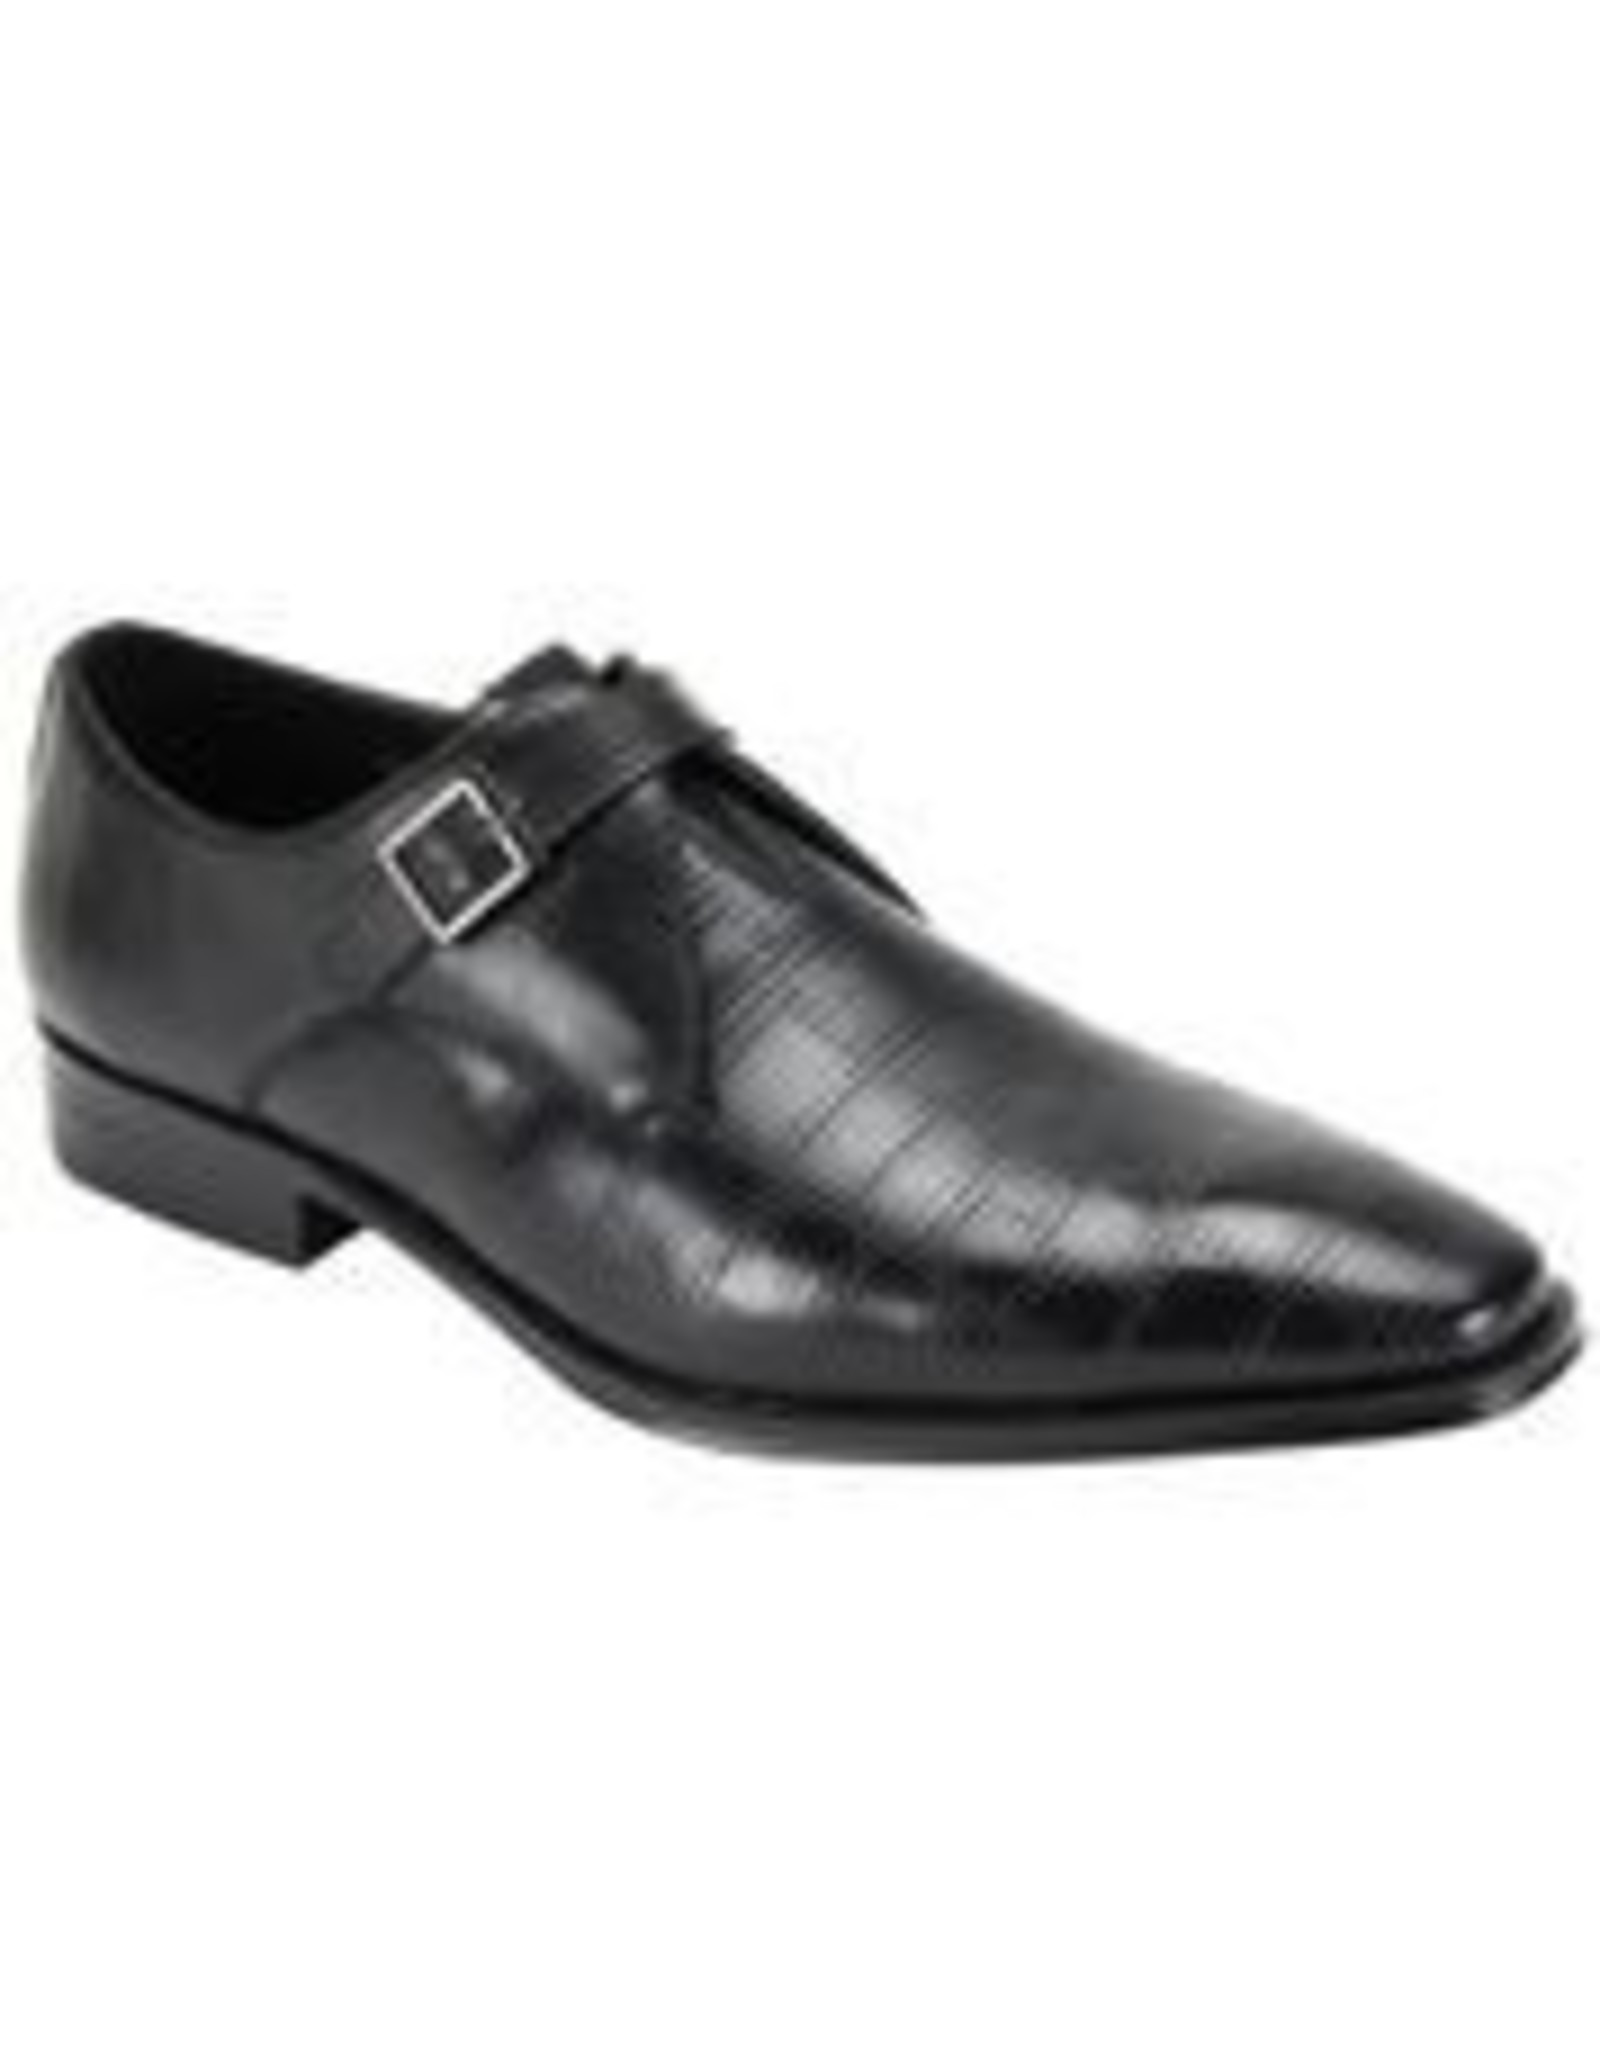 Steven Land Steven Land Dress Shoe - SL0088 Black